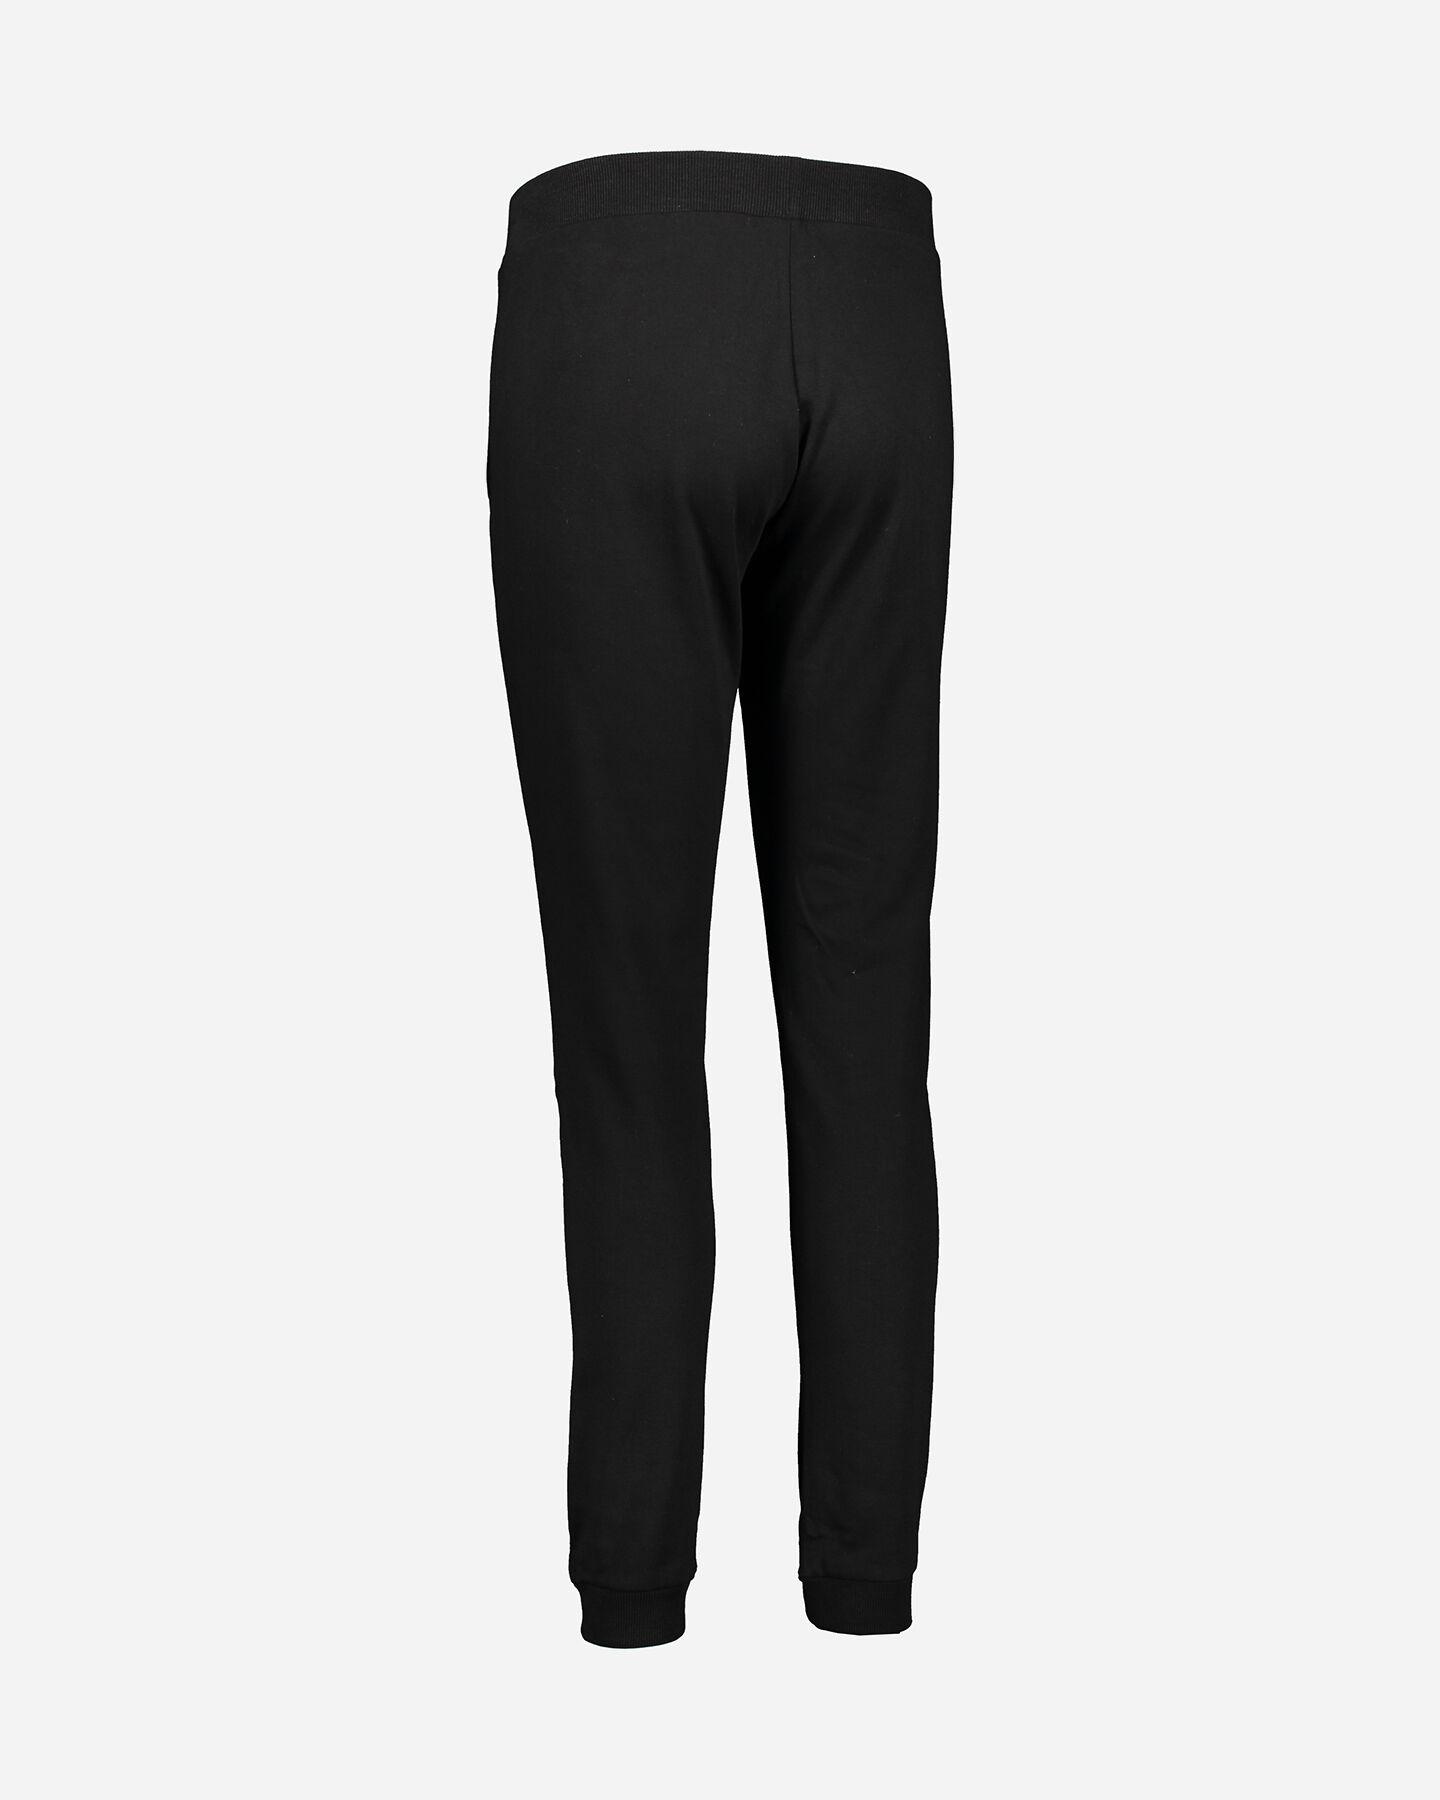 Pantalone FREDDY STRAIGHT INTERLOCK W S5245261 scatto 2